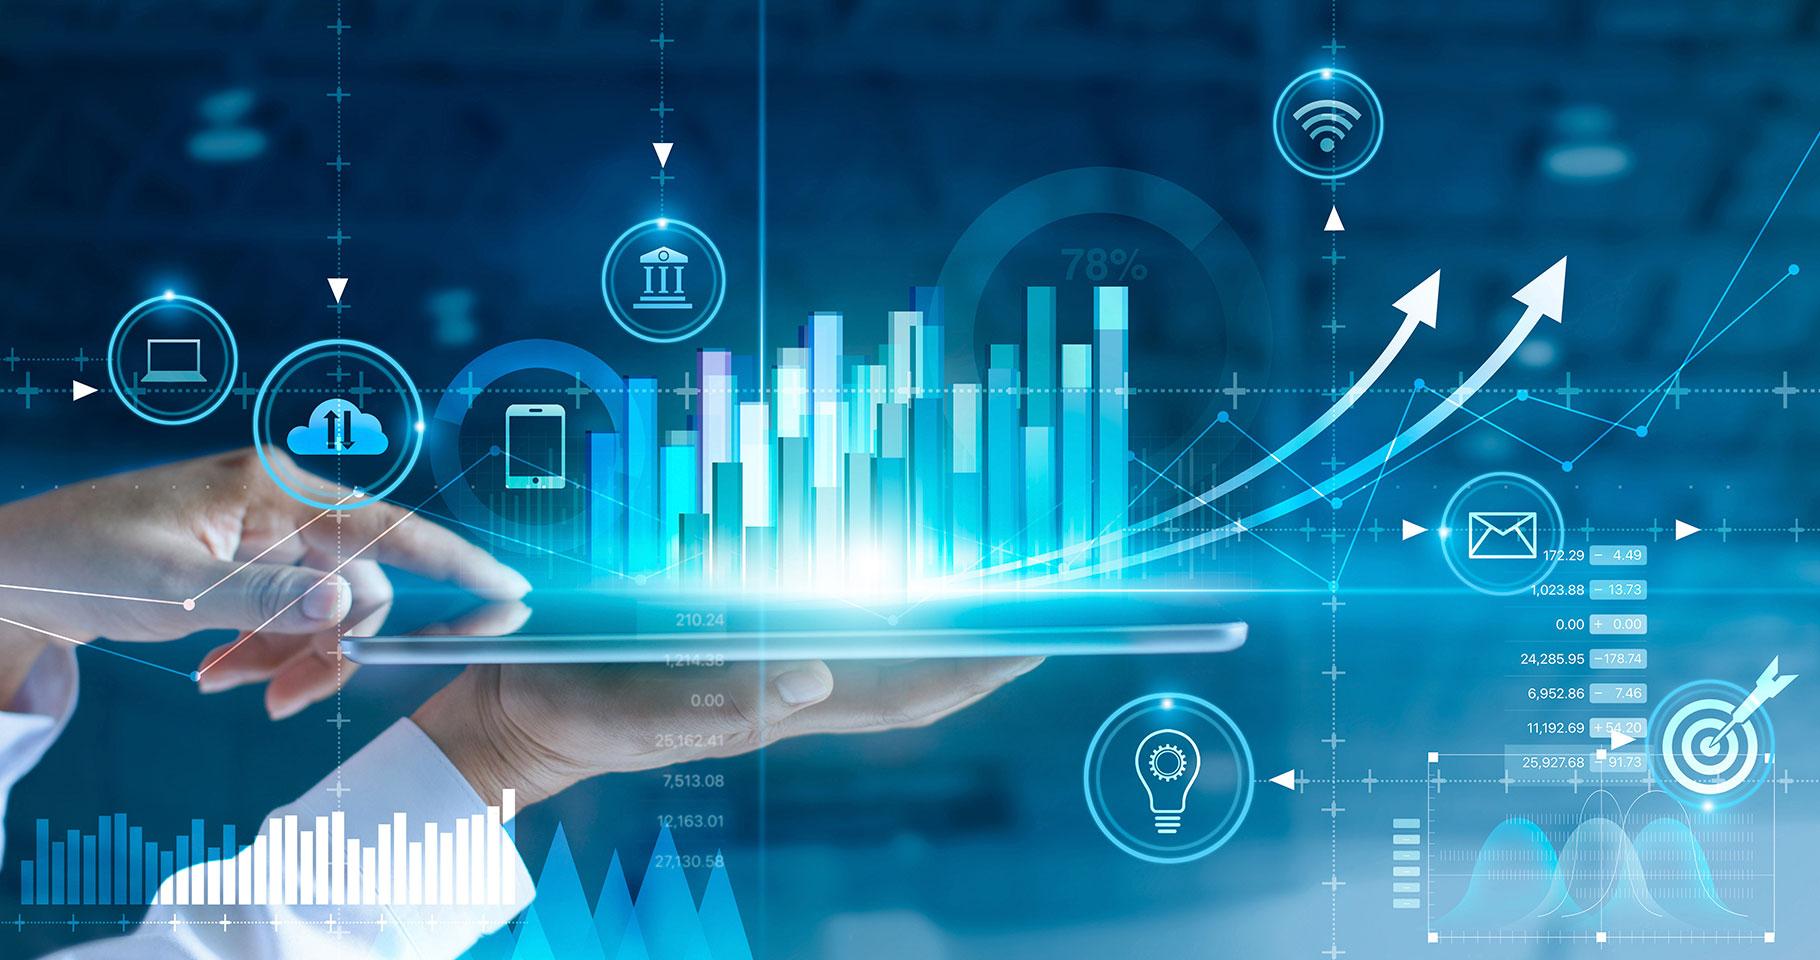 El mercado del e-learning crecerá un 8% en los próximos 5 años